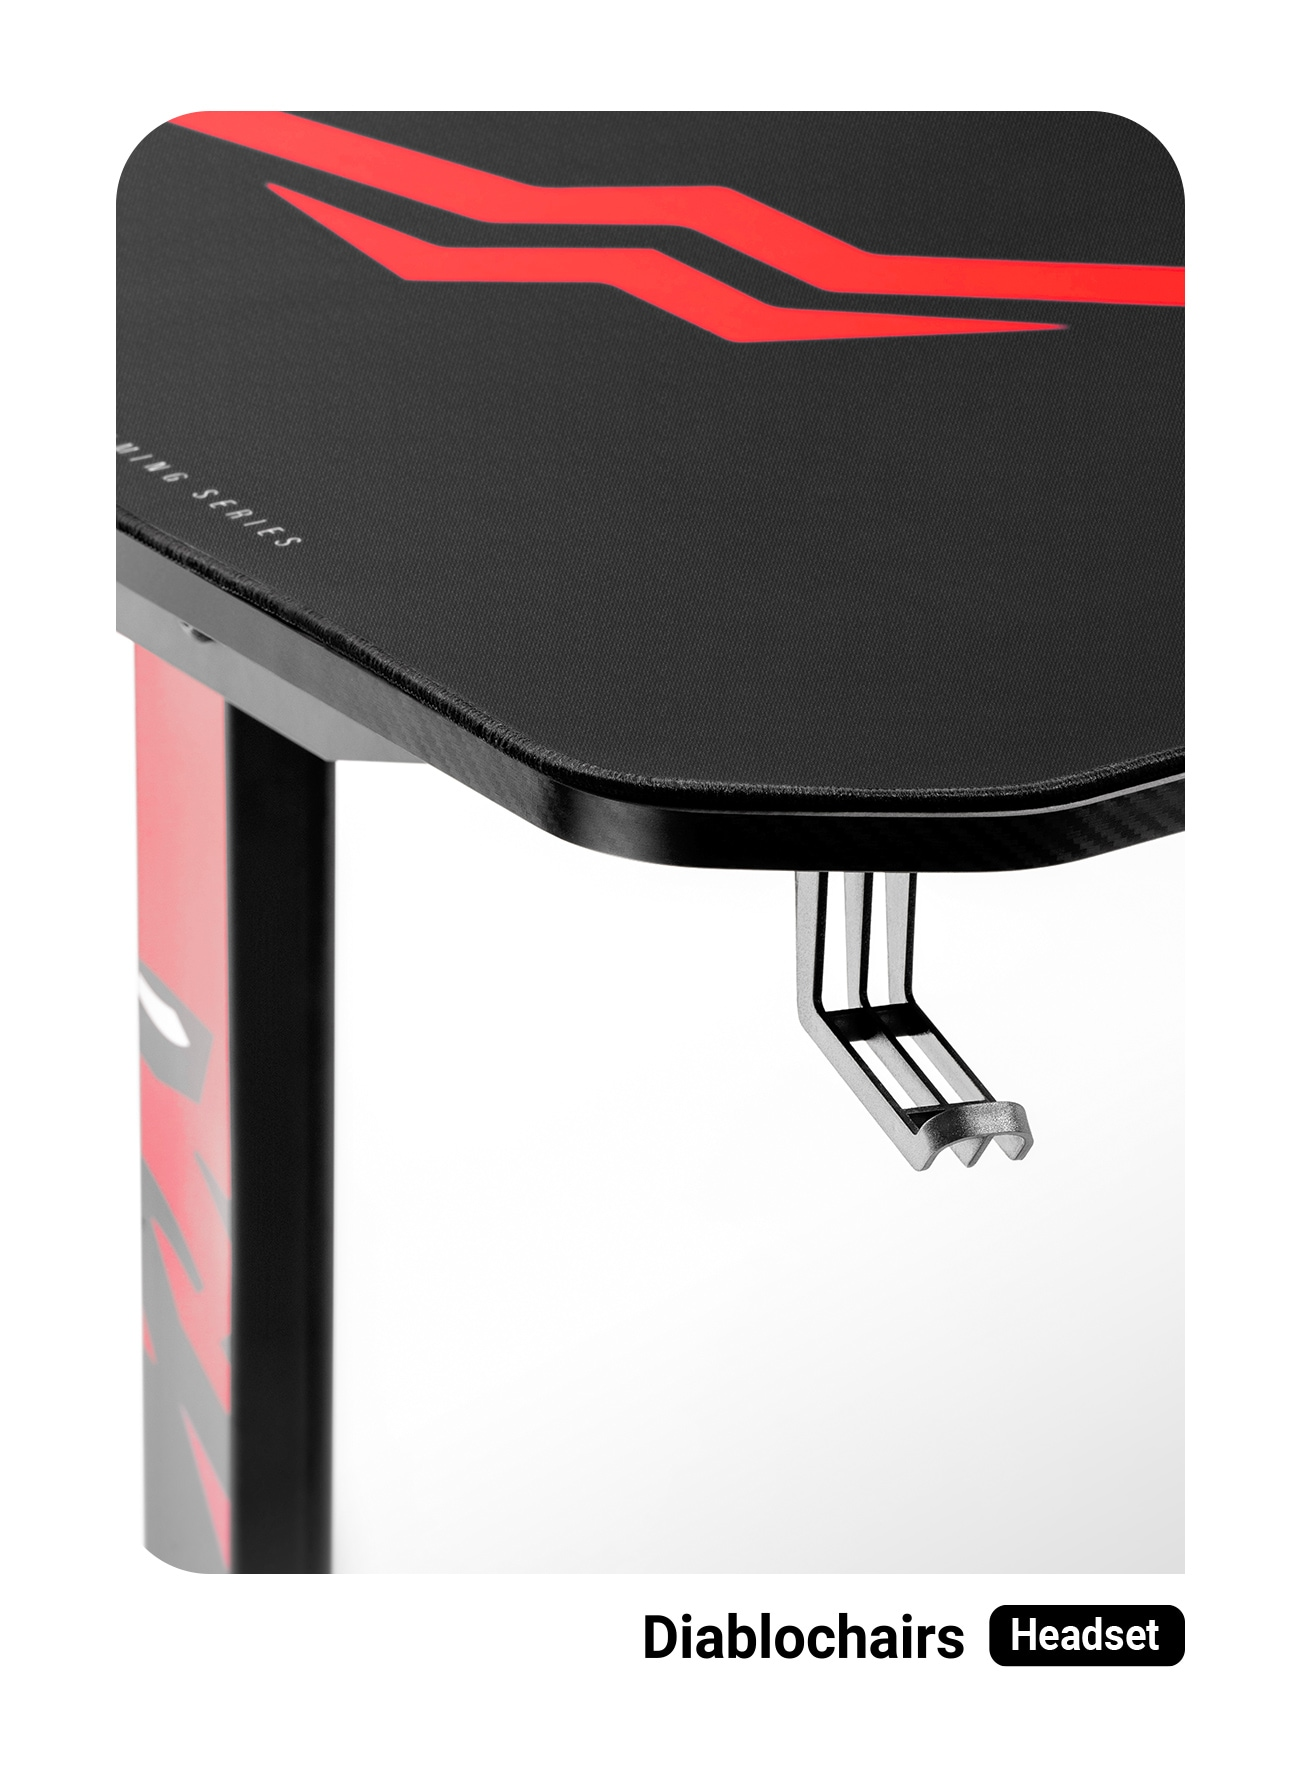 Biurko Gamingowe Diablo X-Mate 1400 Black/Red Gaming - 4